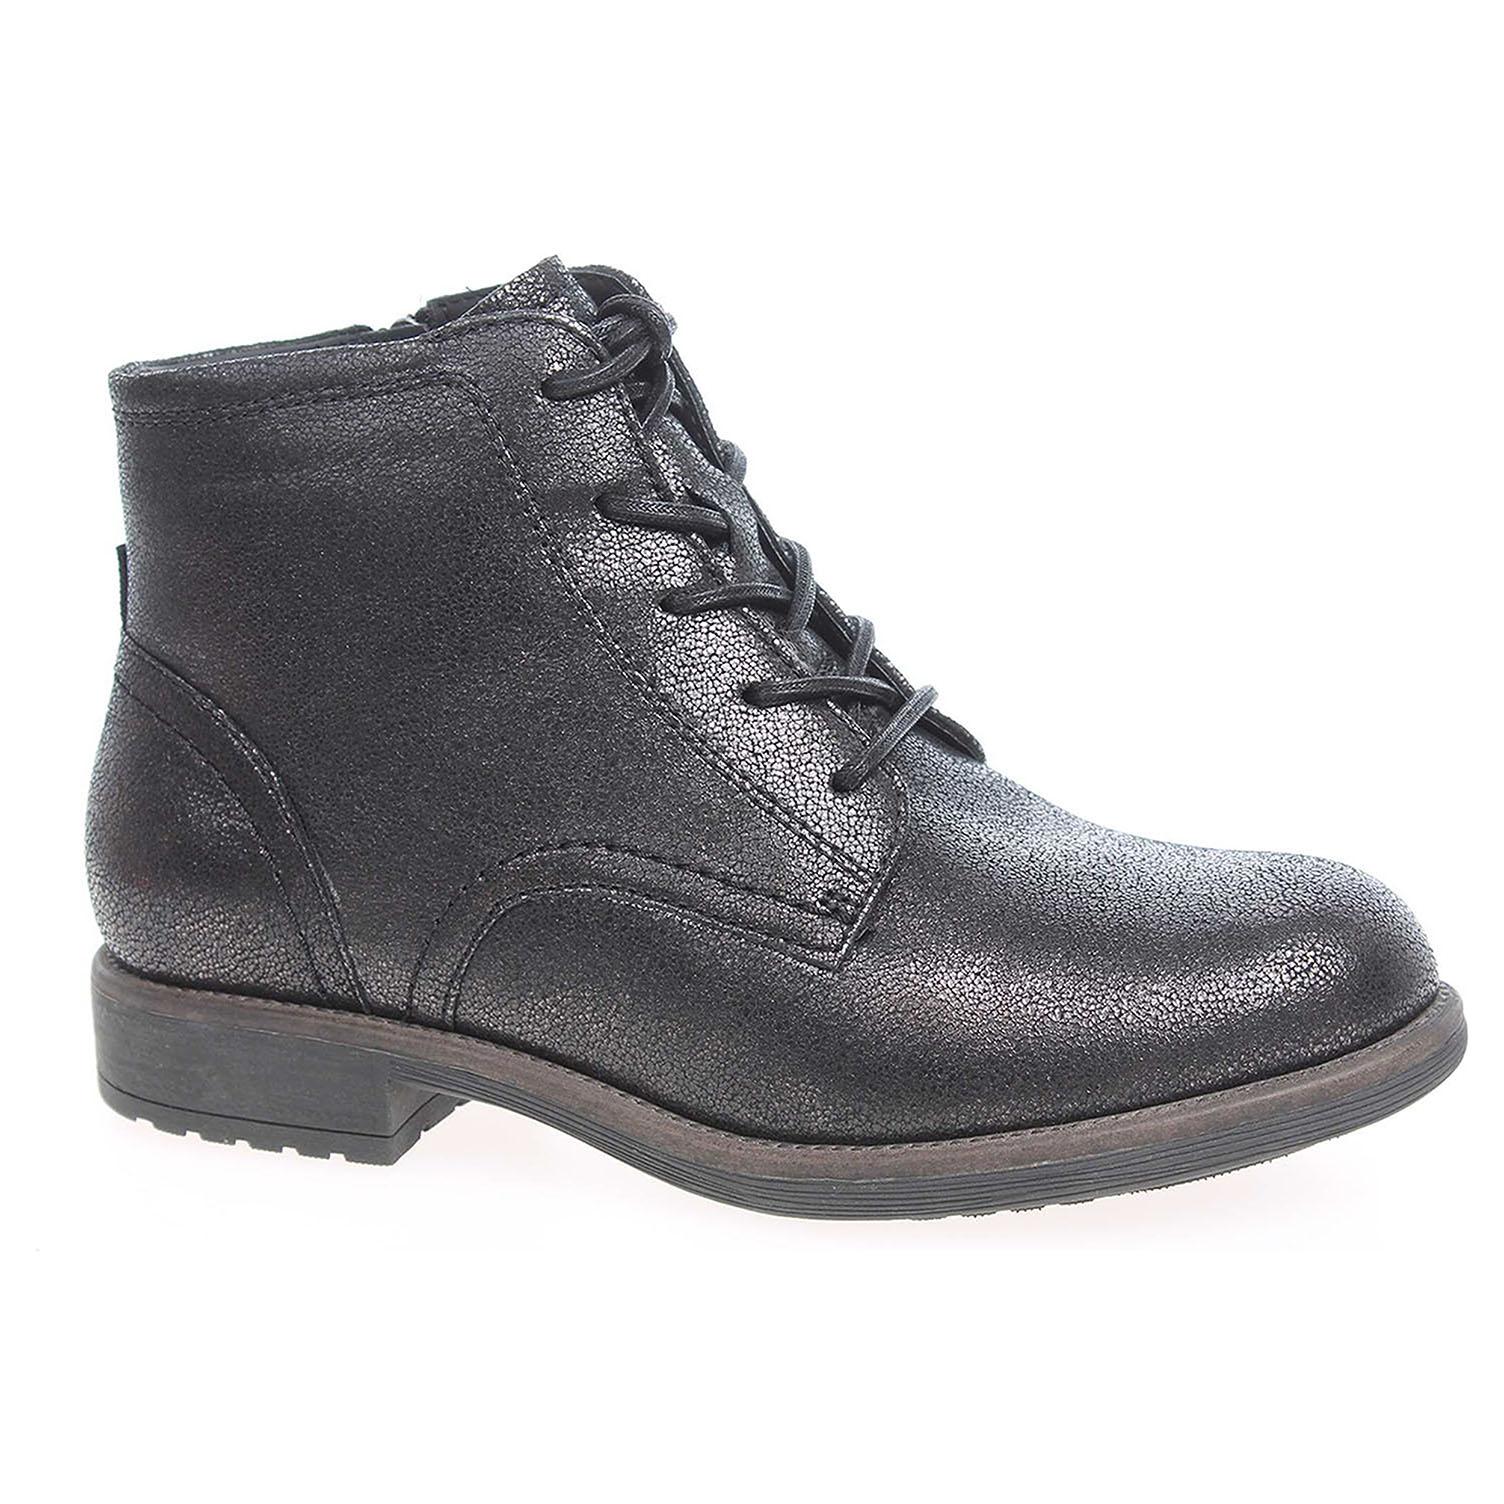 Dámská kotníková obuv Tamaris 1-26235-27 černé 37